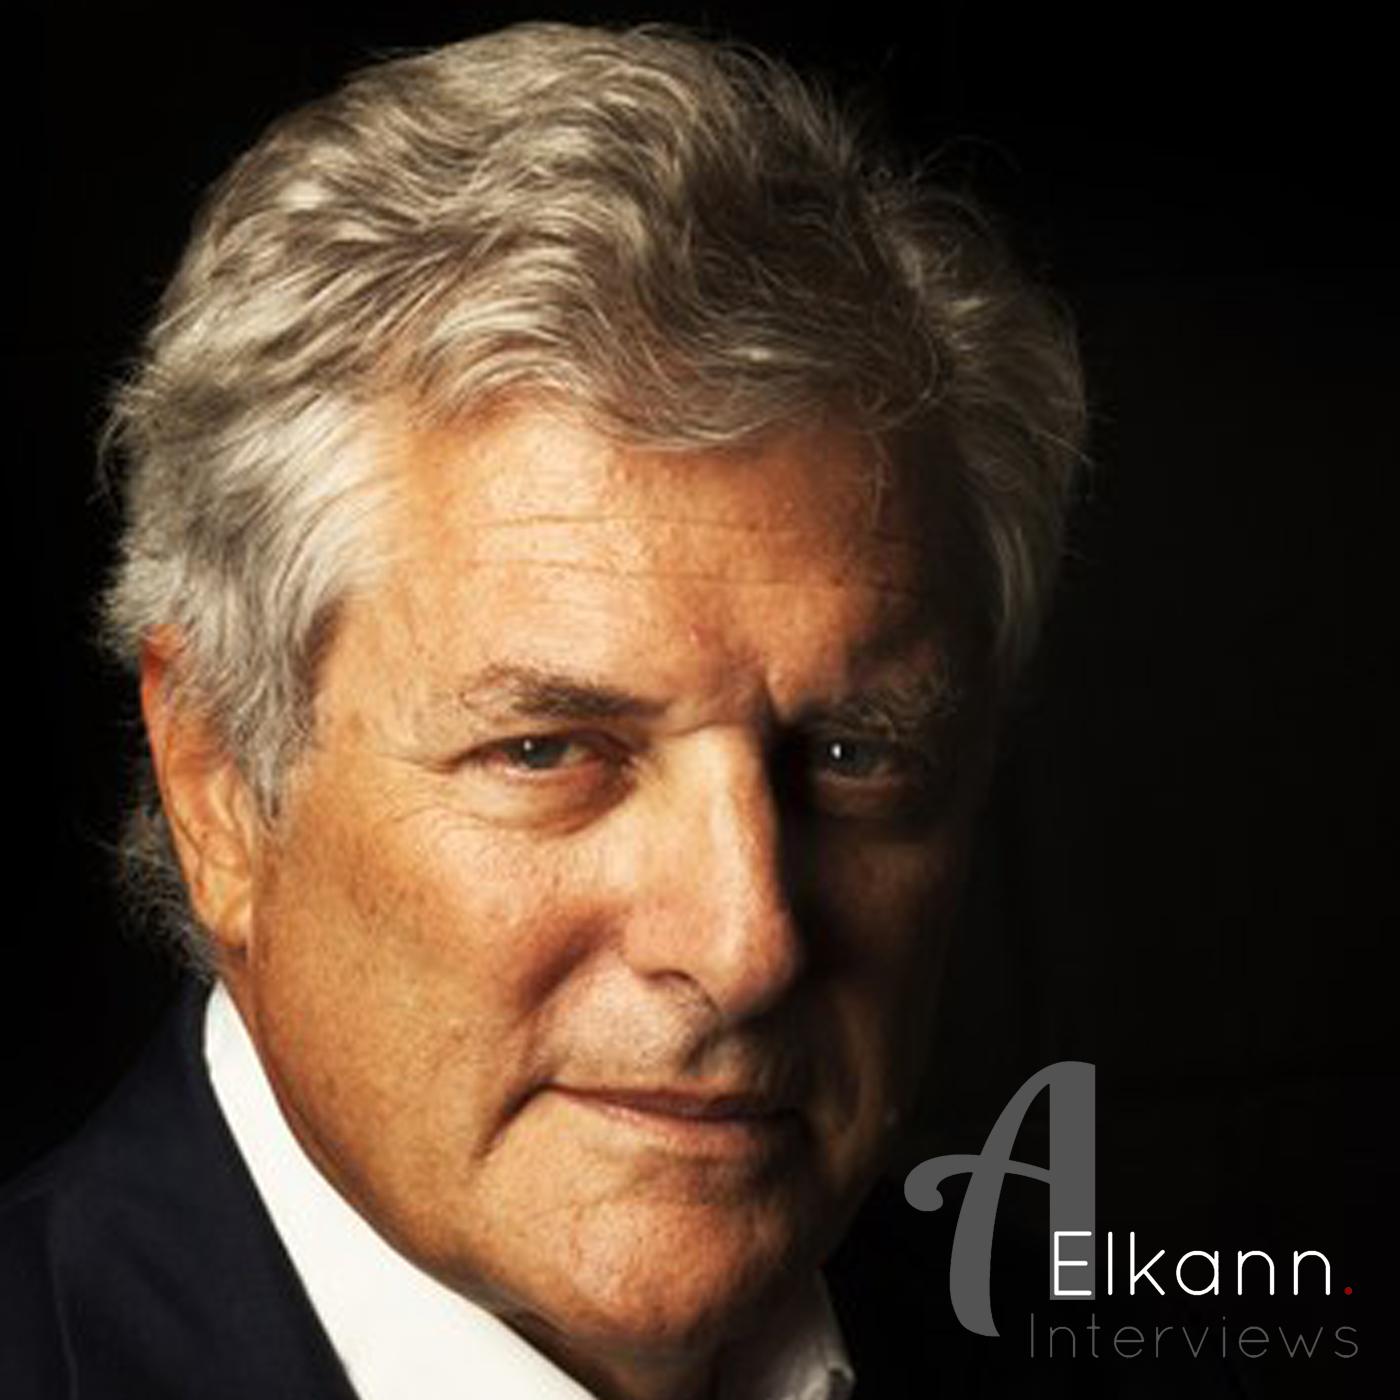 Alain Elkann Interviews show art